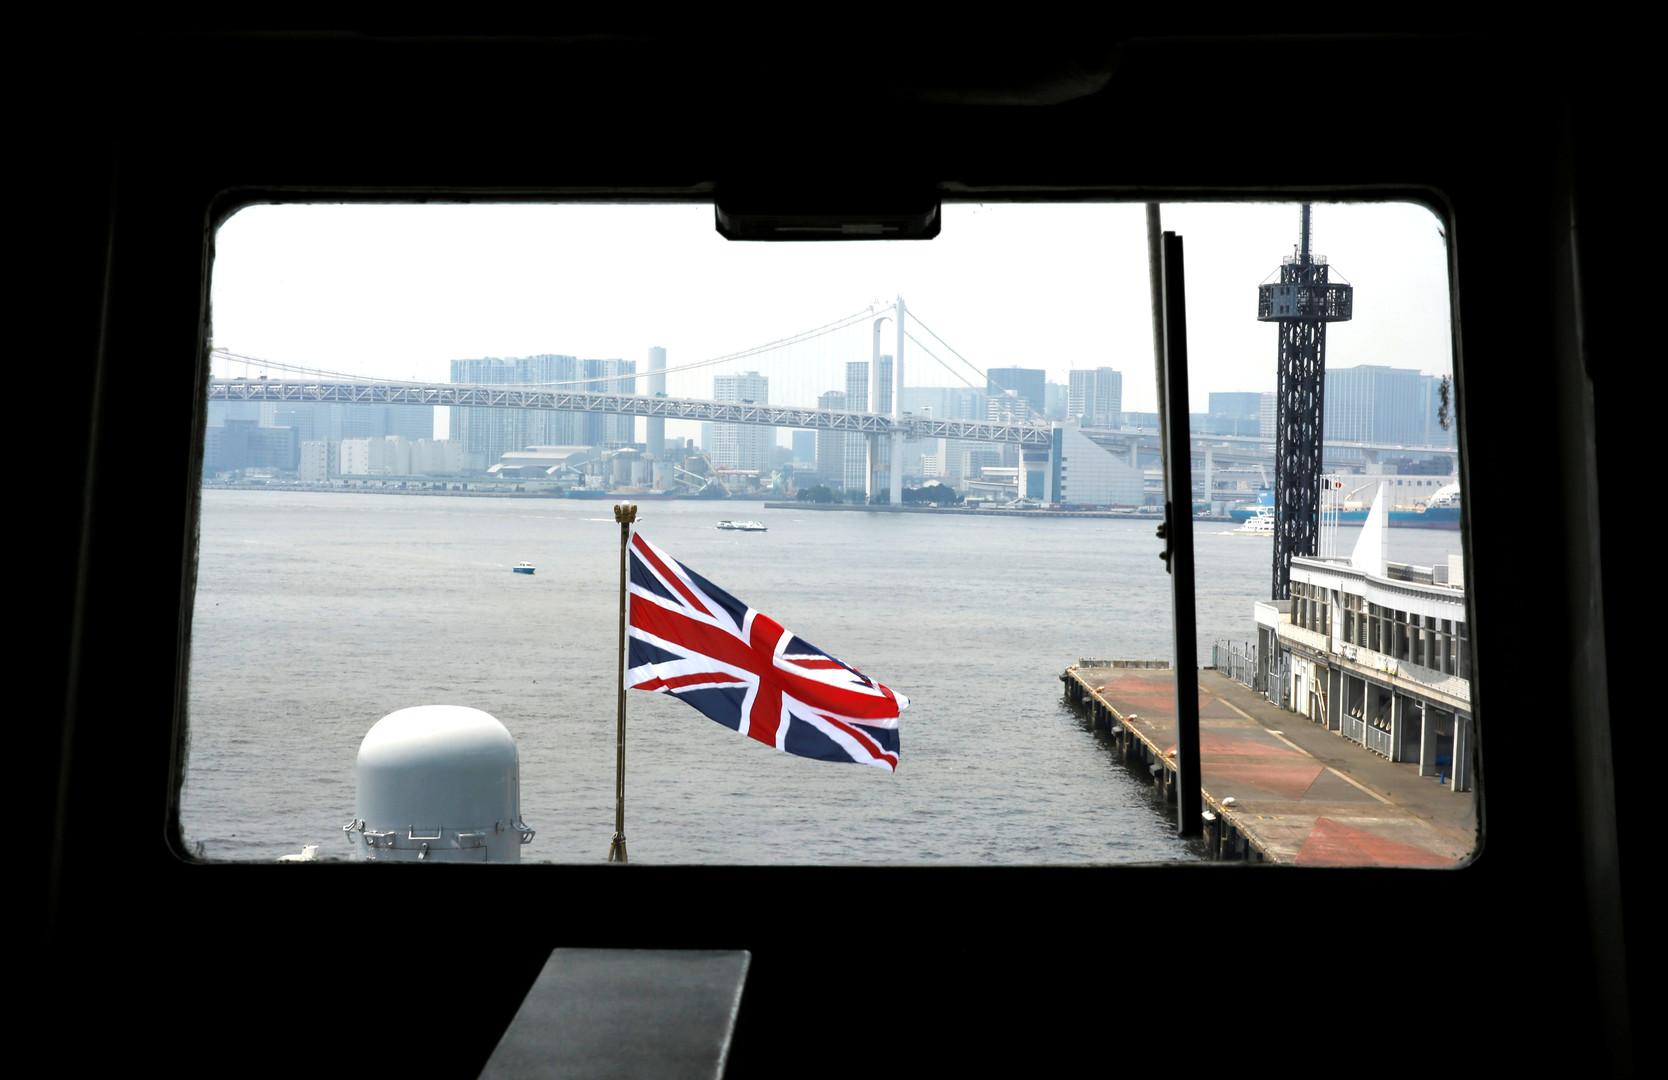 بريطانيا ترسل أكبر قوة بحرية منذ 100 عام إلى حدود روسيا الغربية